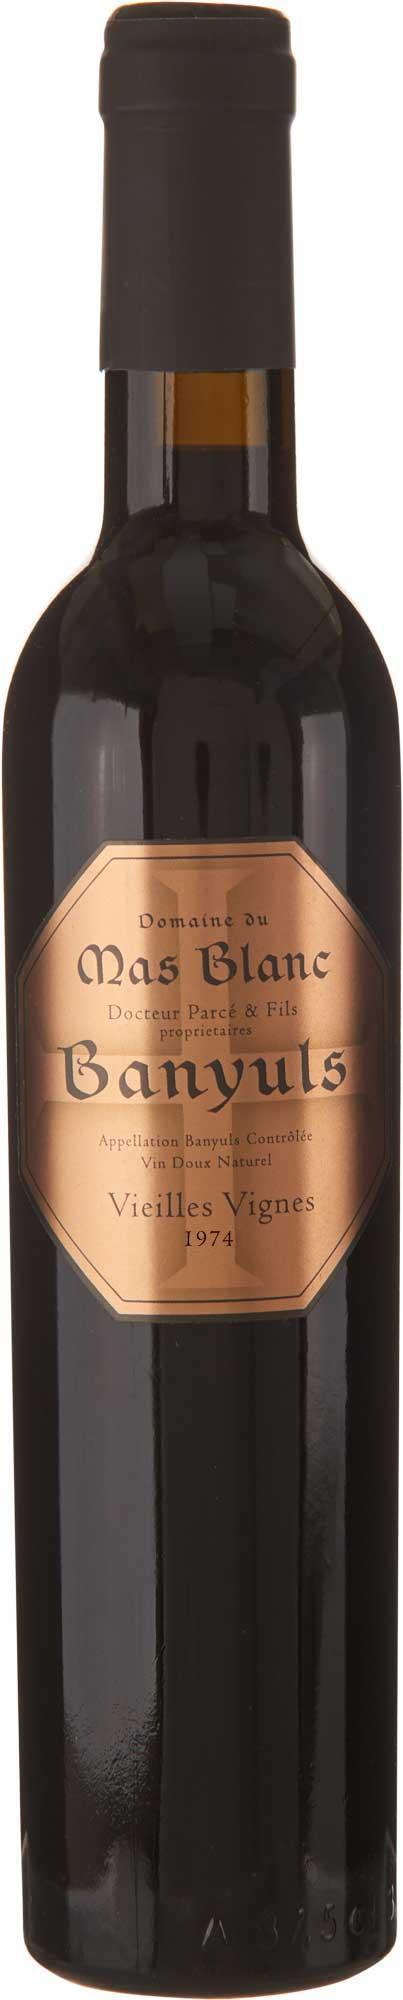 """Domaine du Mas Blanc Banyuls """"Vieilles Vignes"""" 1974"""